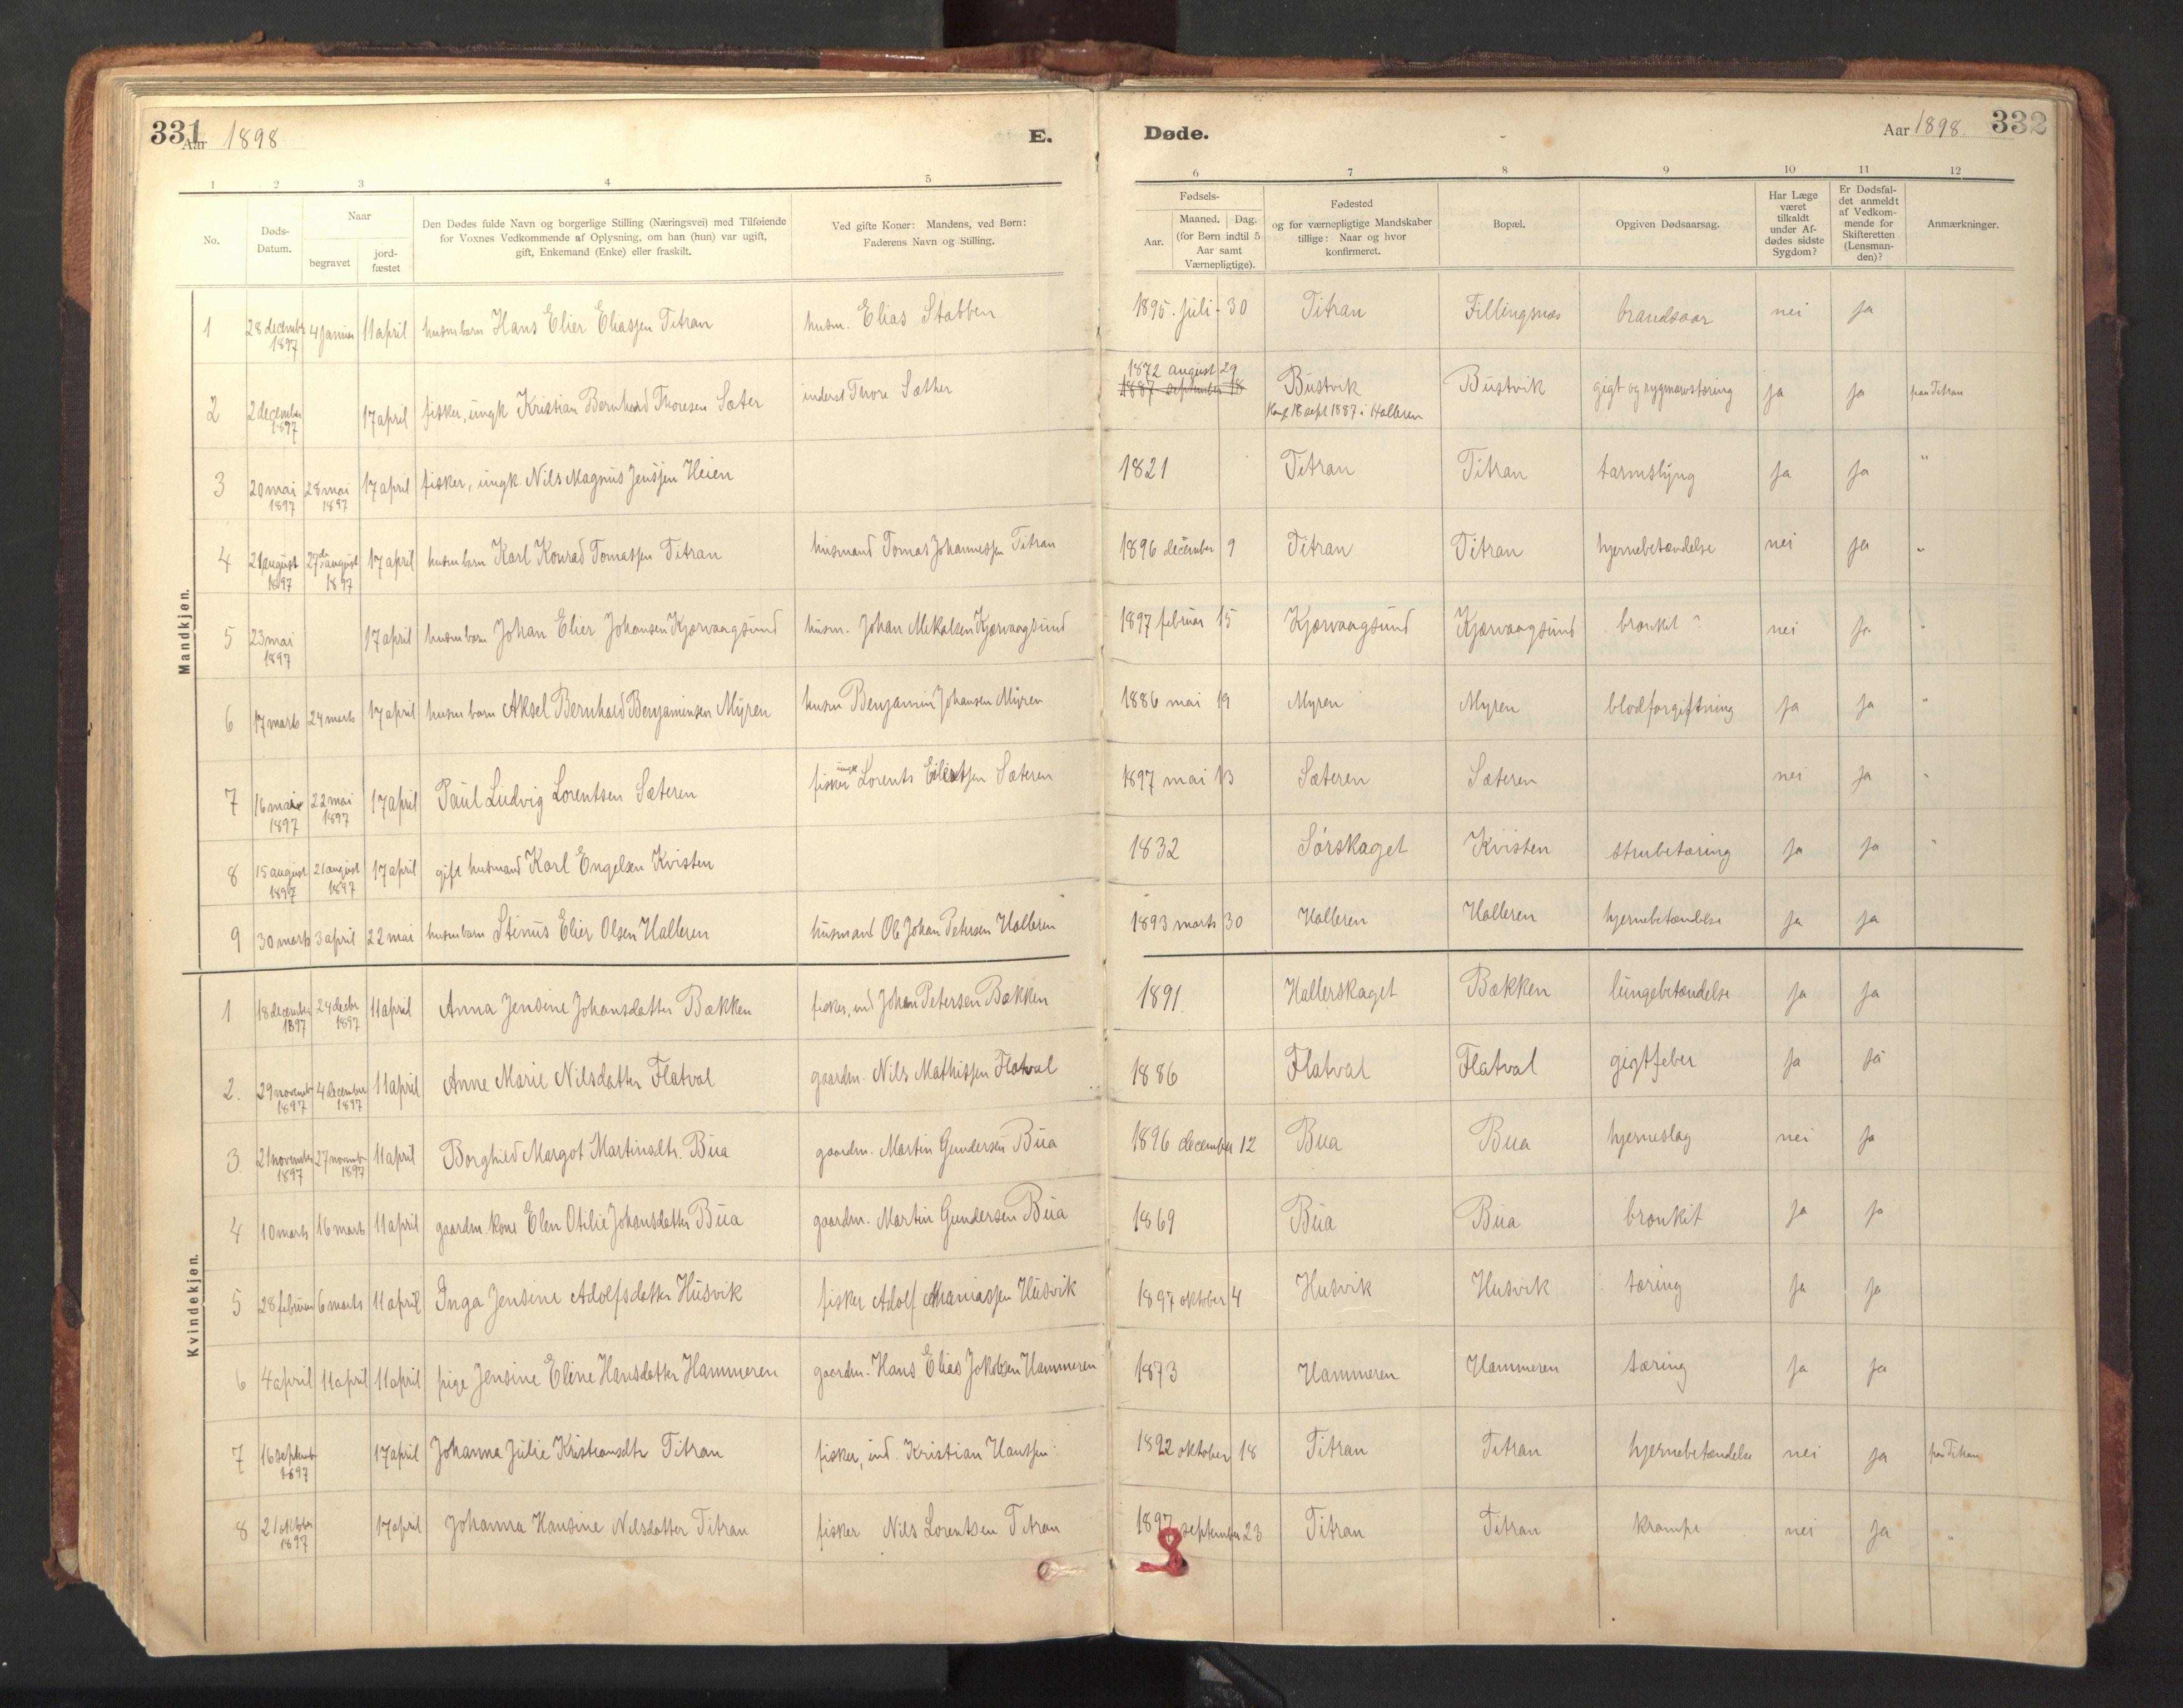 SAT, Ministerialprotokoller, klokkerbøker og fødselsregistre - Sør-Trøndelag, 641/L0596: Ministerialbok nr. 641A02, 1898-1915, s. 331-332